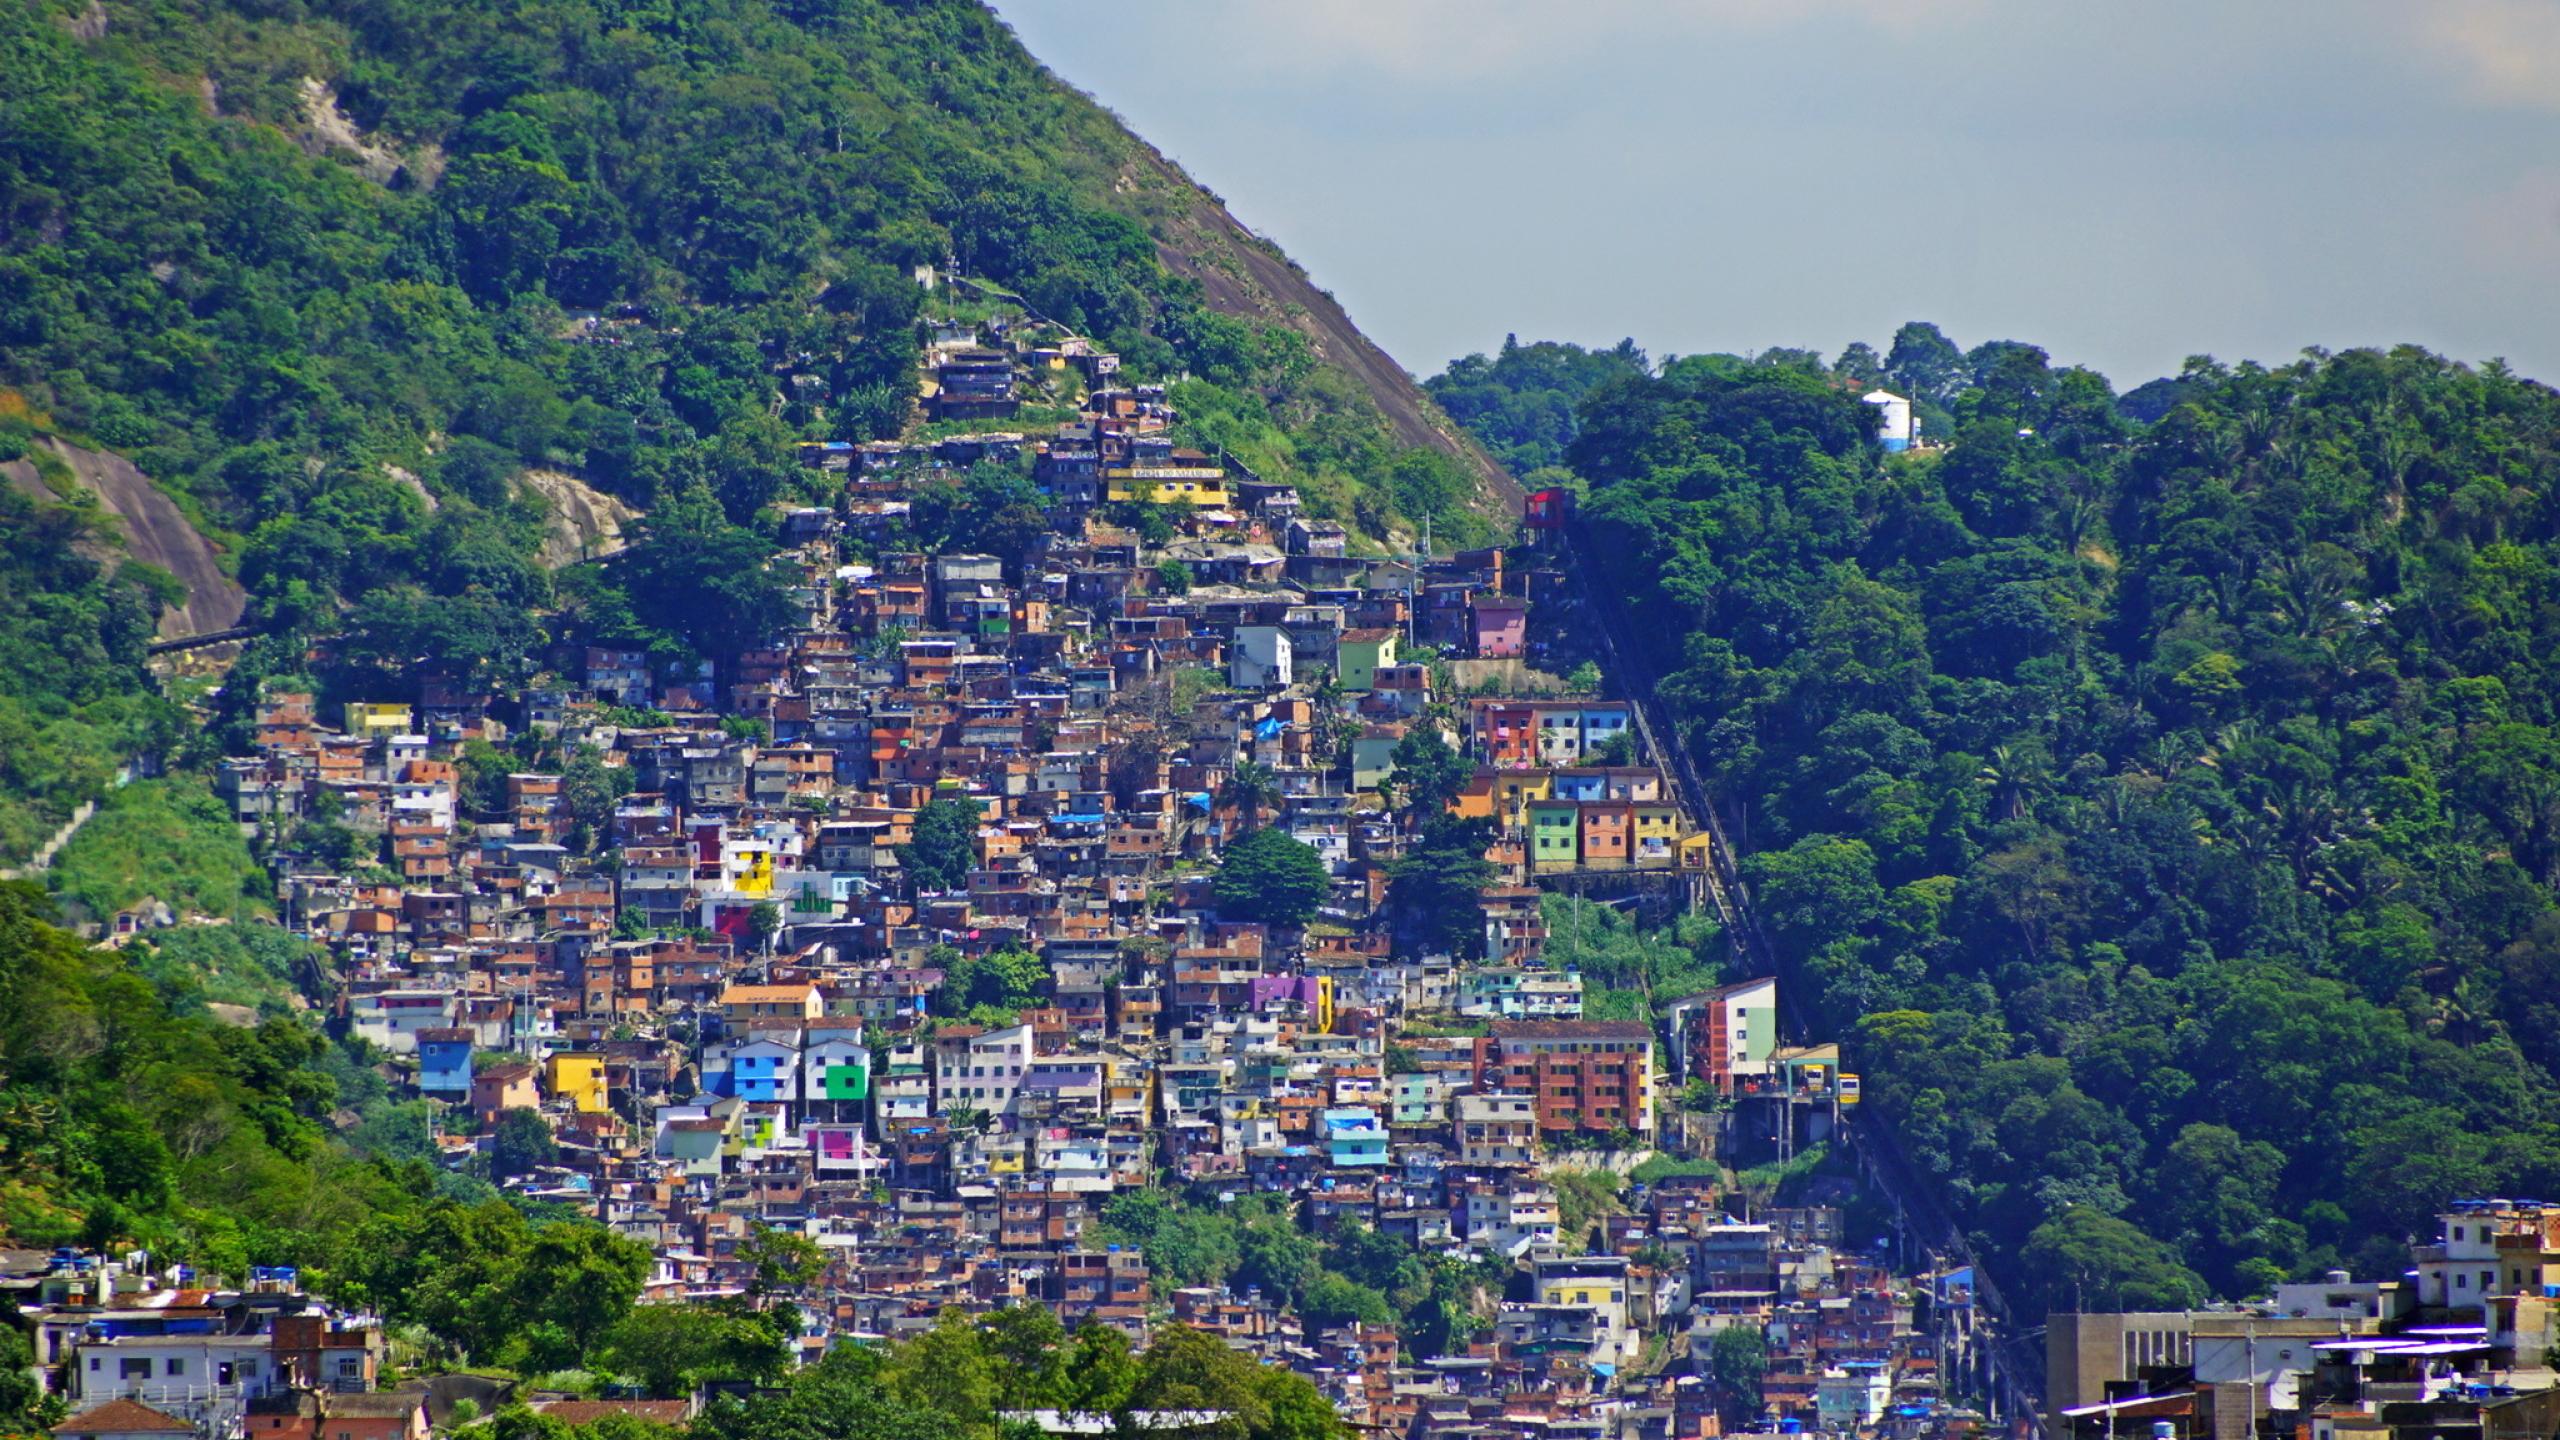 2560x1440 Brazil Rio De Janeiro Houses 1440p Resolution